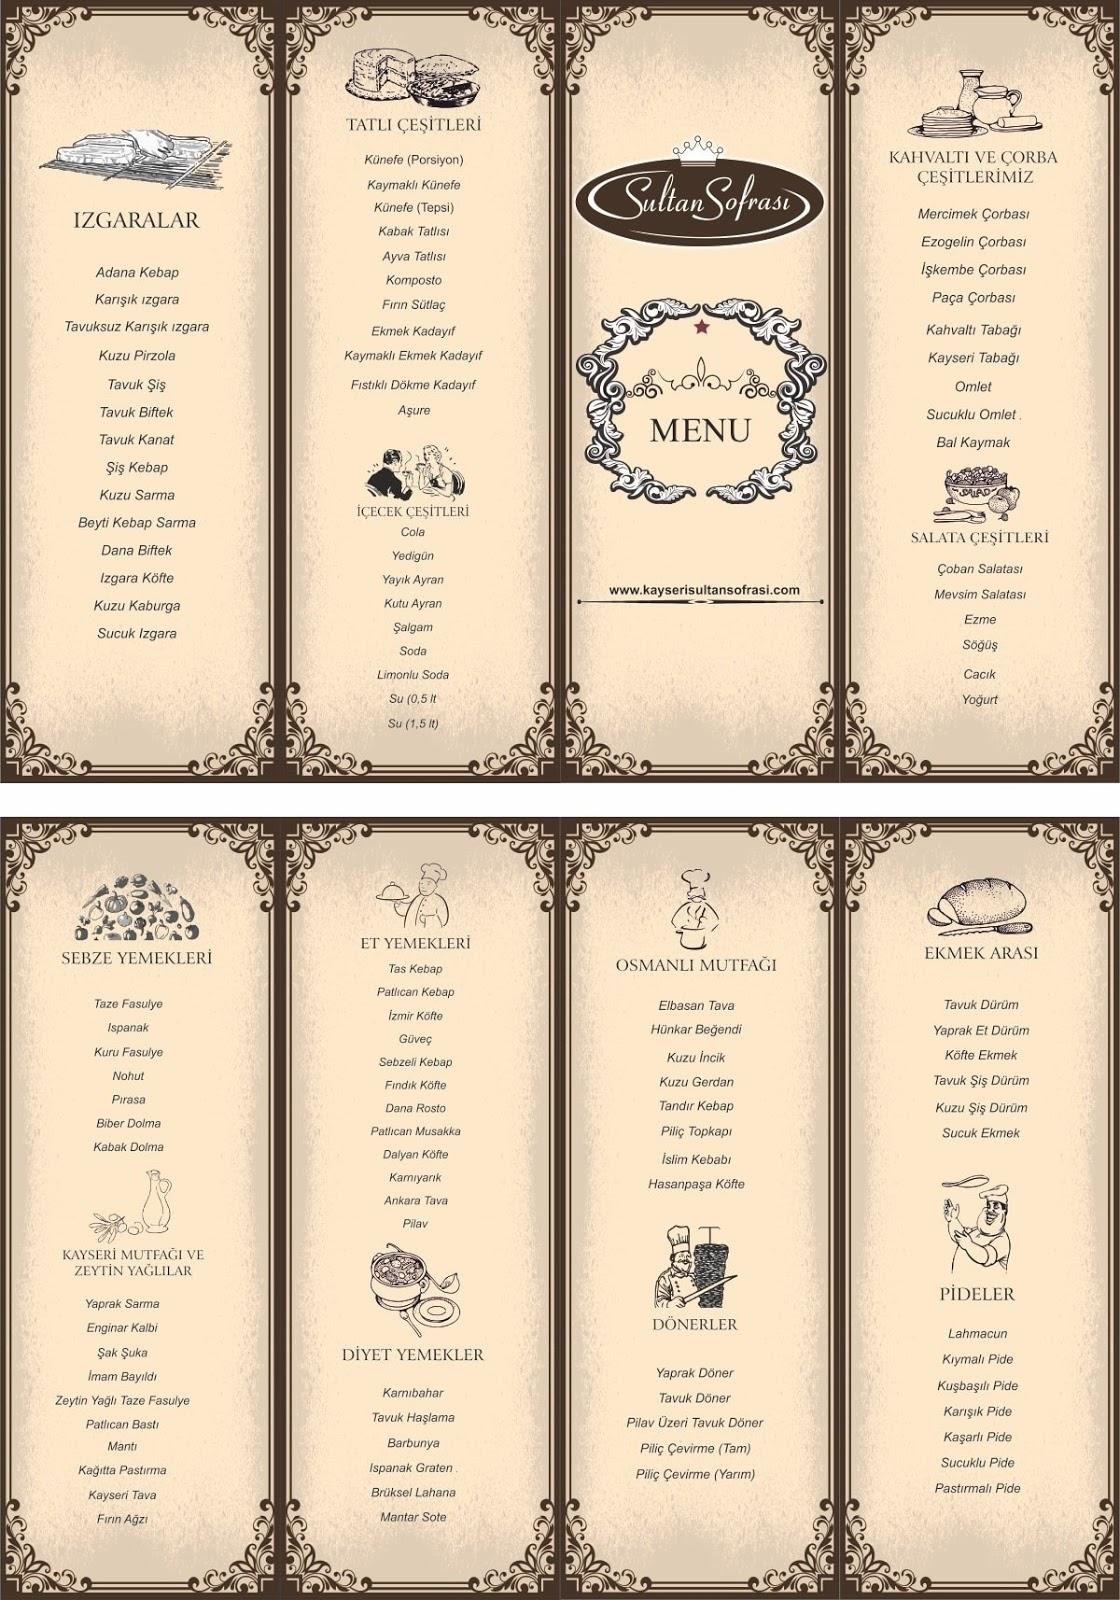 sultan sofrasi kayseri ev yemekleri sulu menu